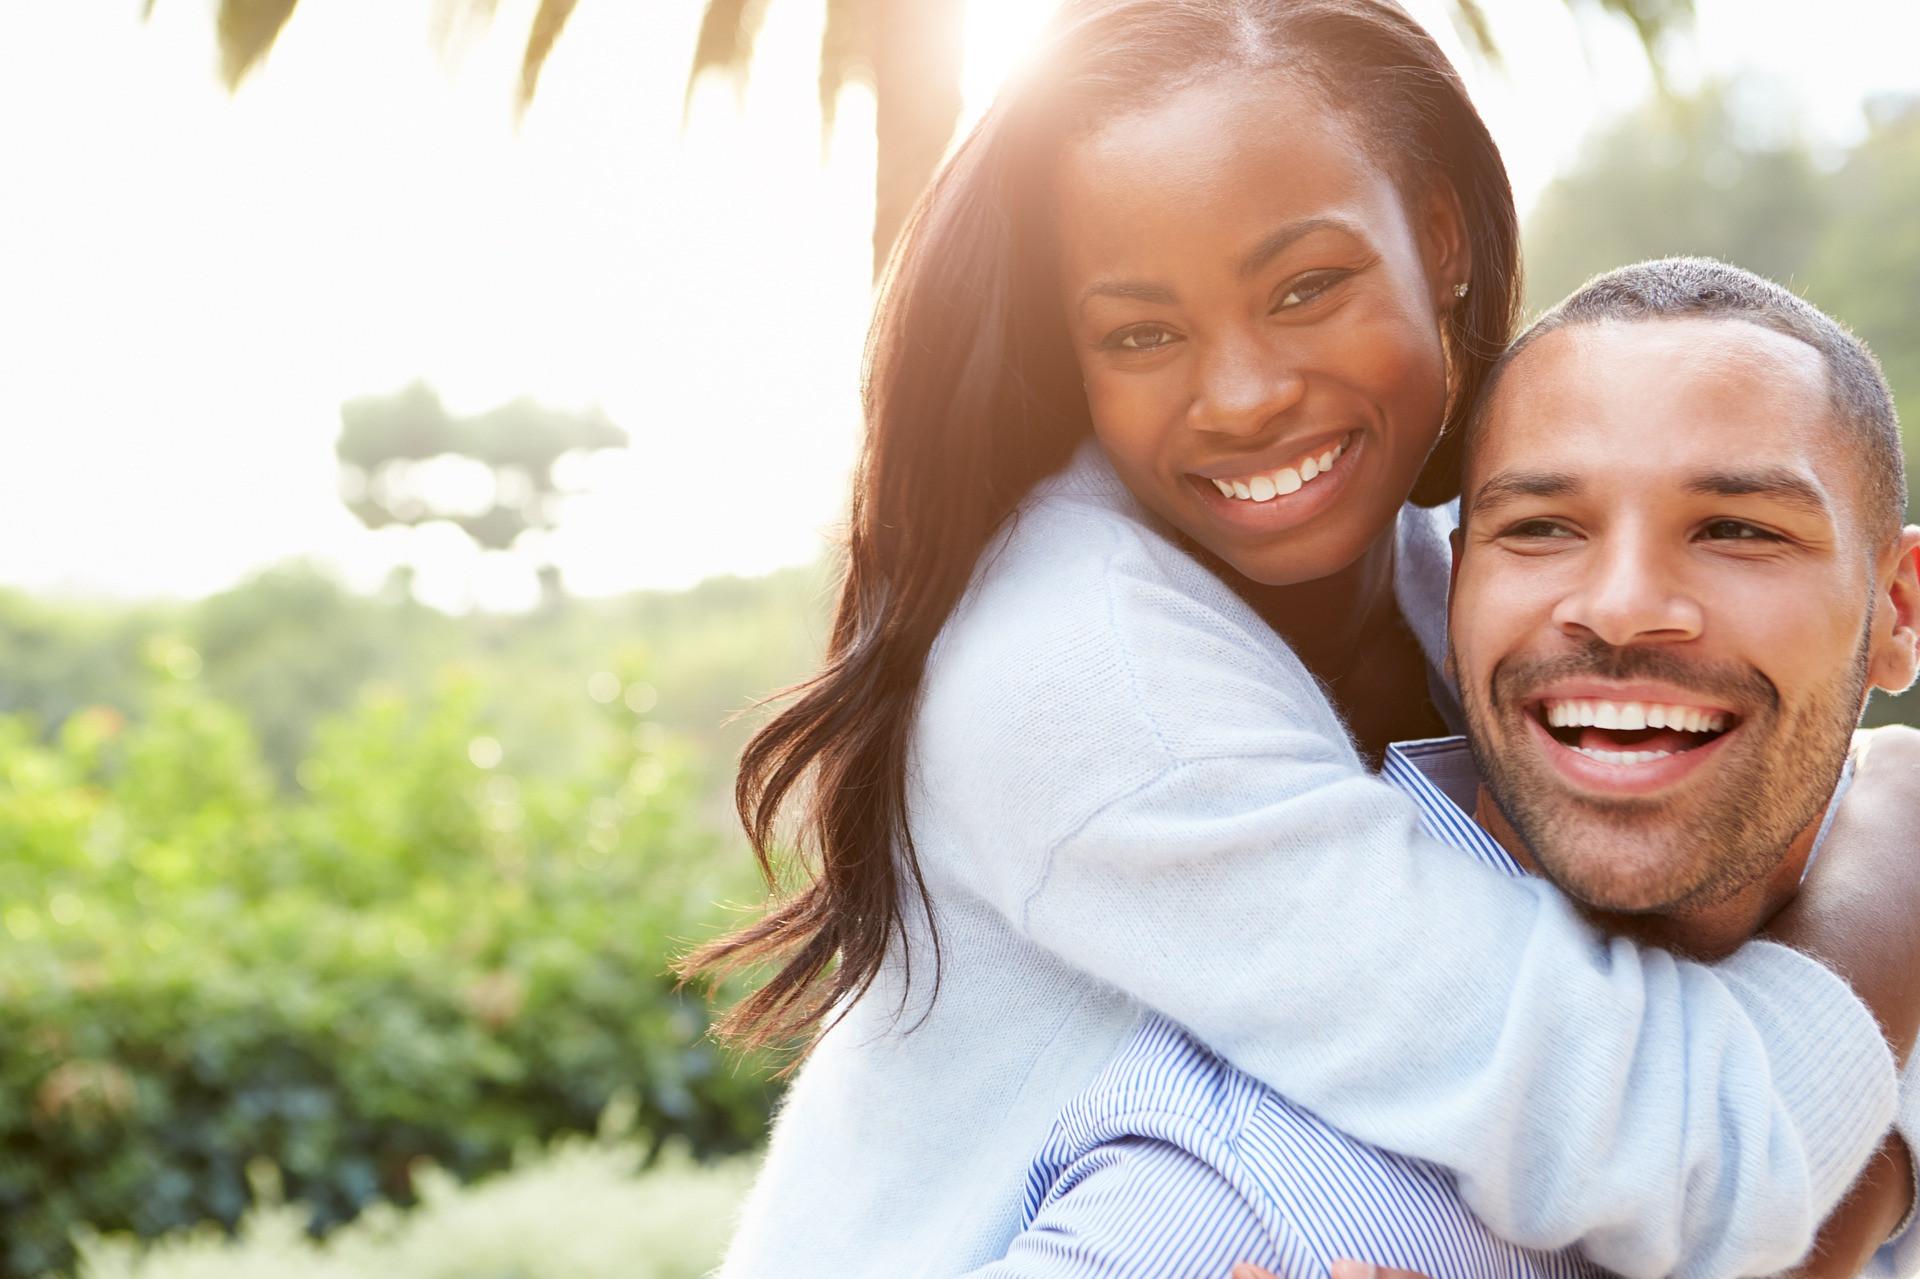 Pria, Ingin Membuat Wanita yang Anda Sukai Tertawa, Cukup Lakukan 4 Hal Sederhana Ini - JPNN.com